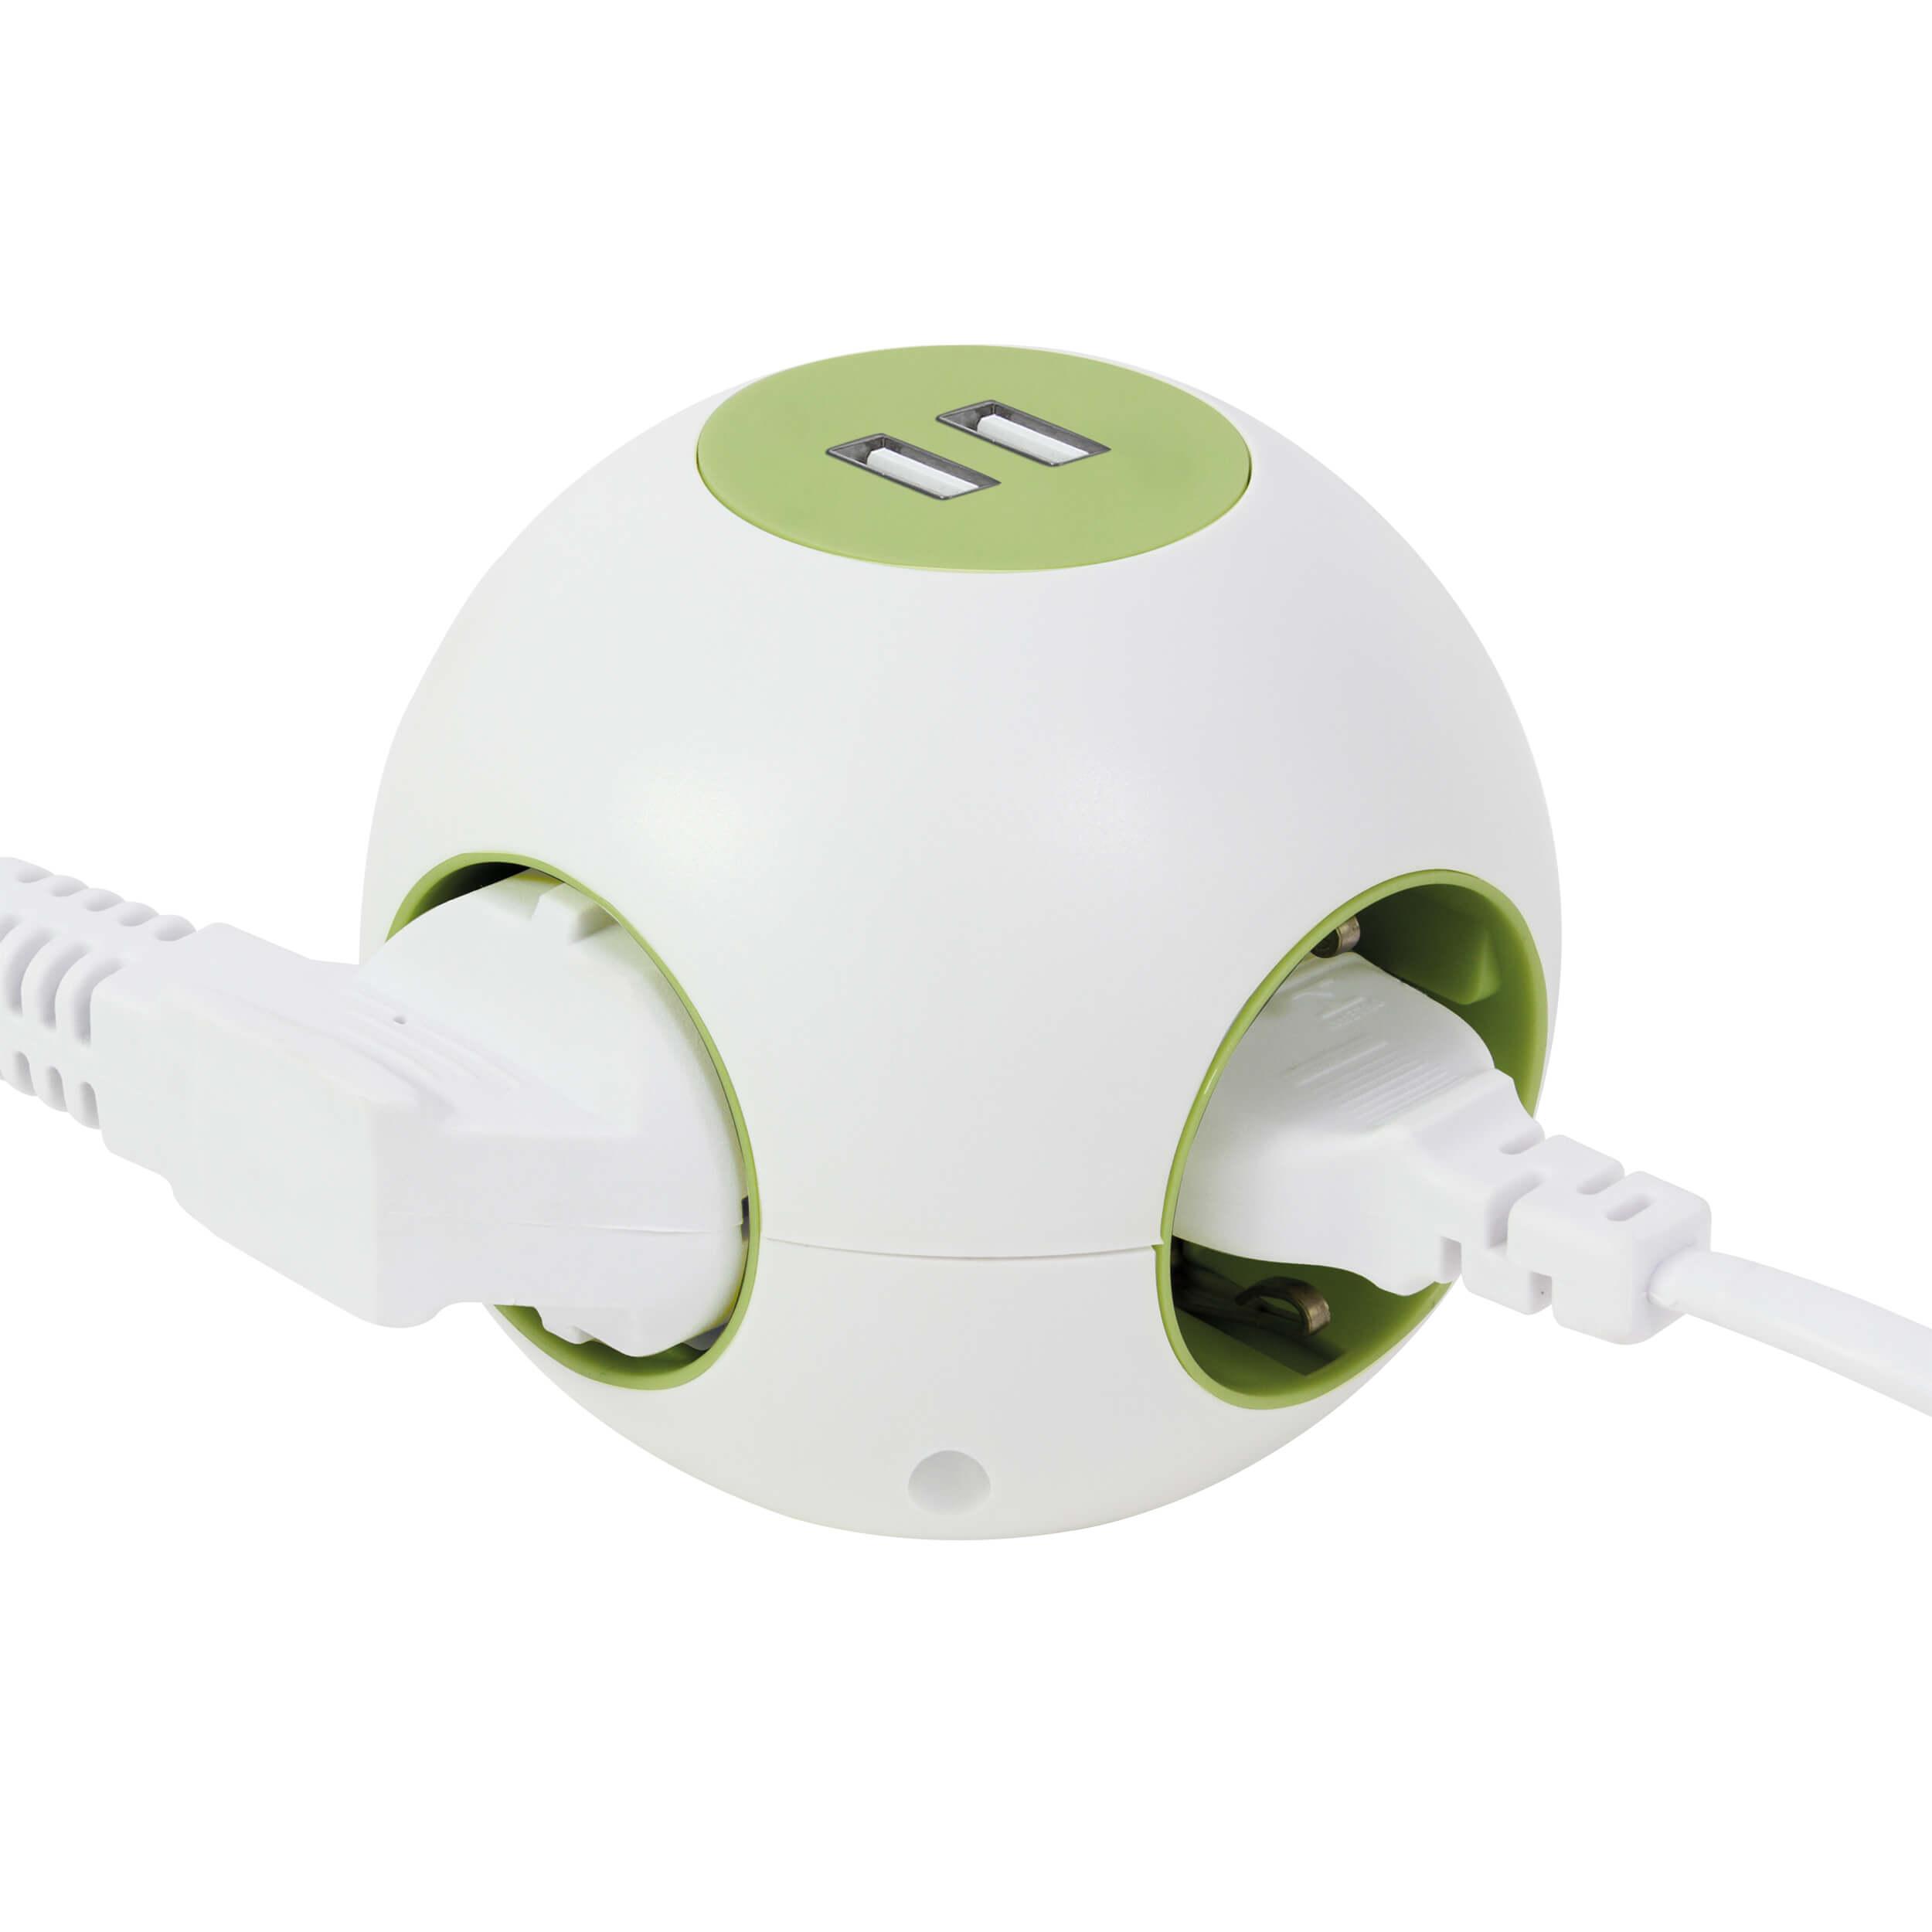 Kugel-Mehrfachsteckdose Powerglobe mit Schalter und USB Anschluss, Ø 9cm, bis 3500W, Zuleitung 140 cm